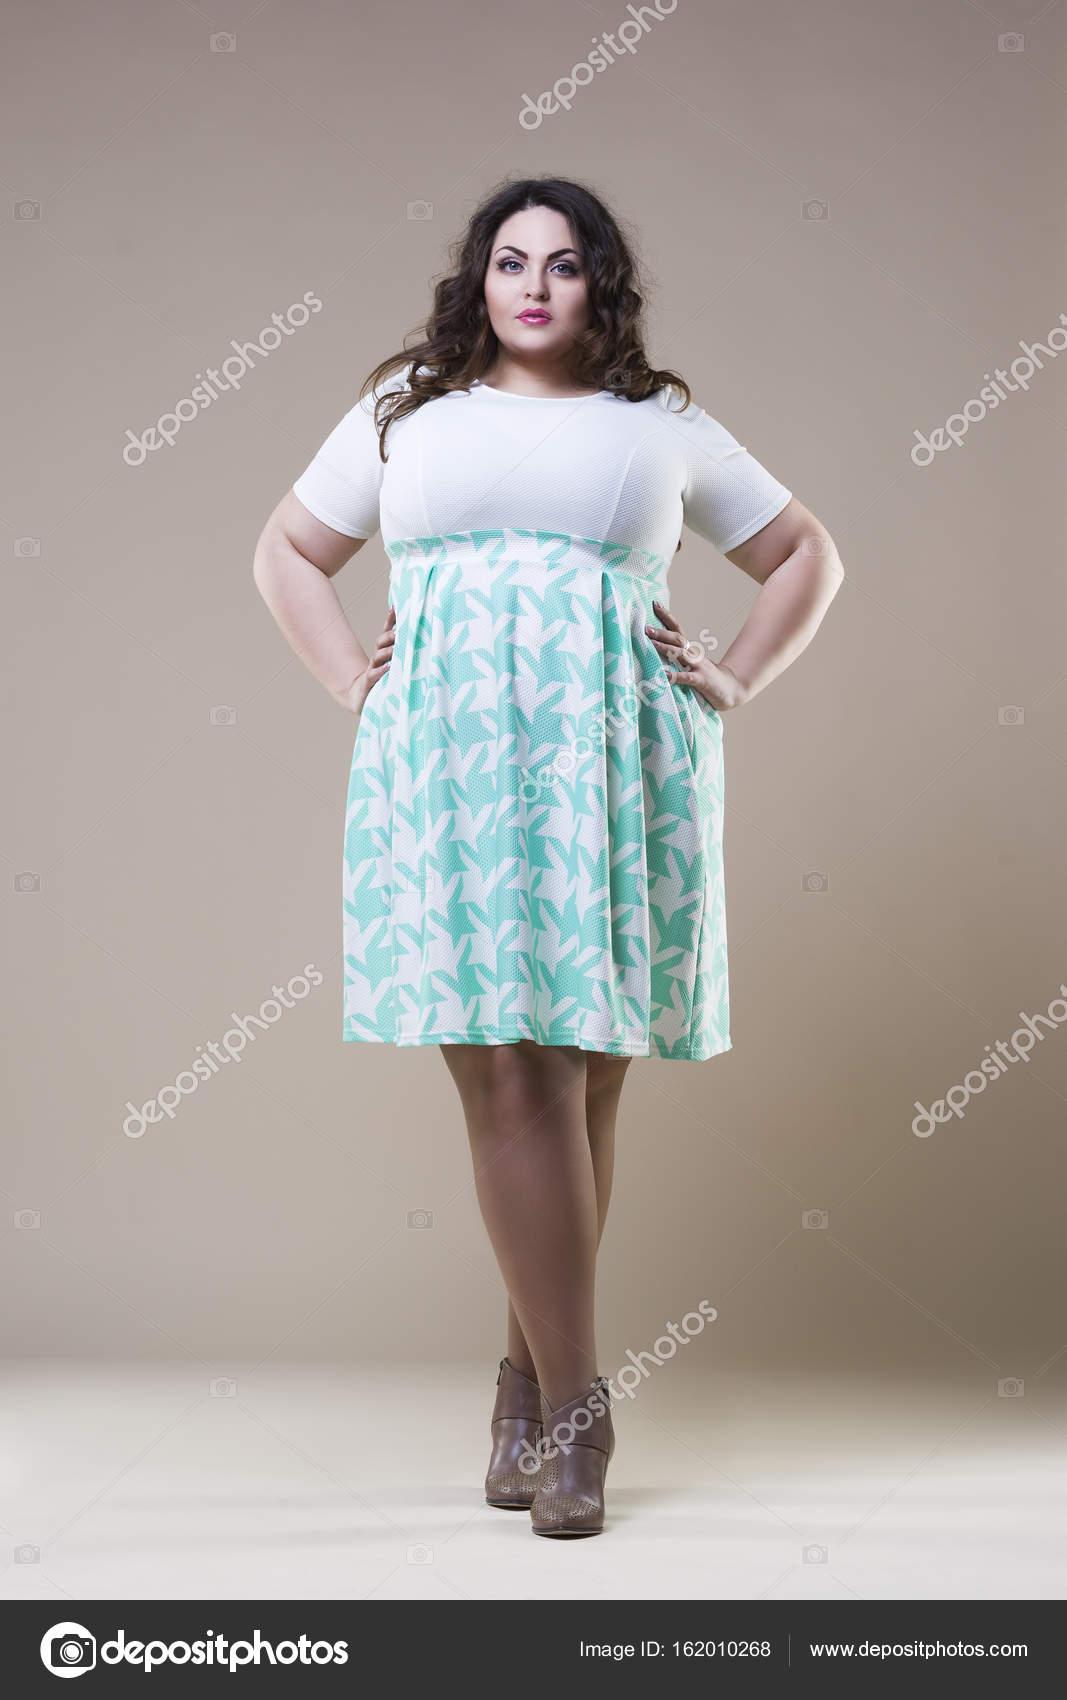 newest 4e4b5 d19e8 Modello di moda di dimensioni in abbigliamento casual, donna ...